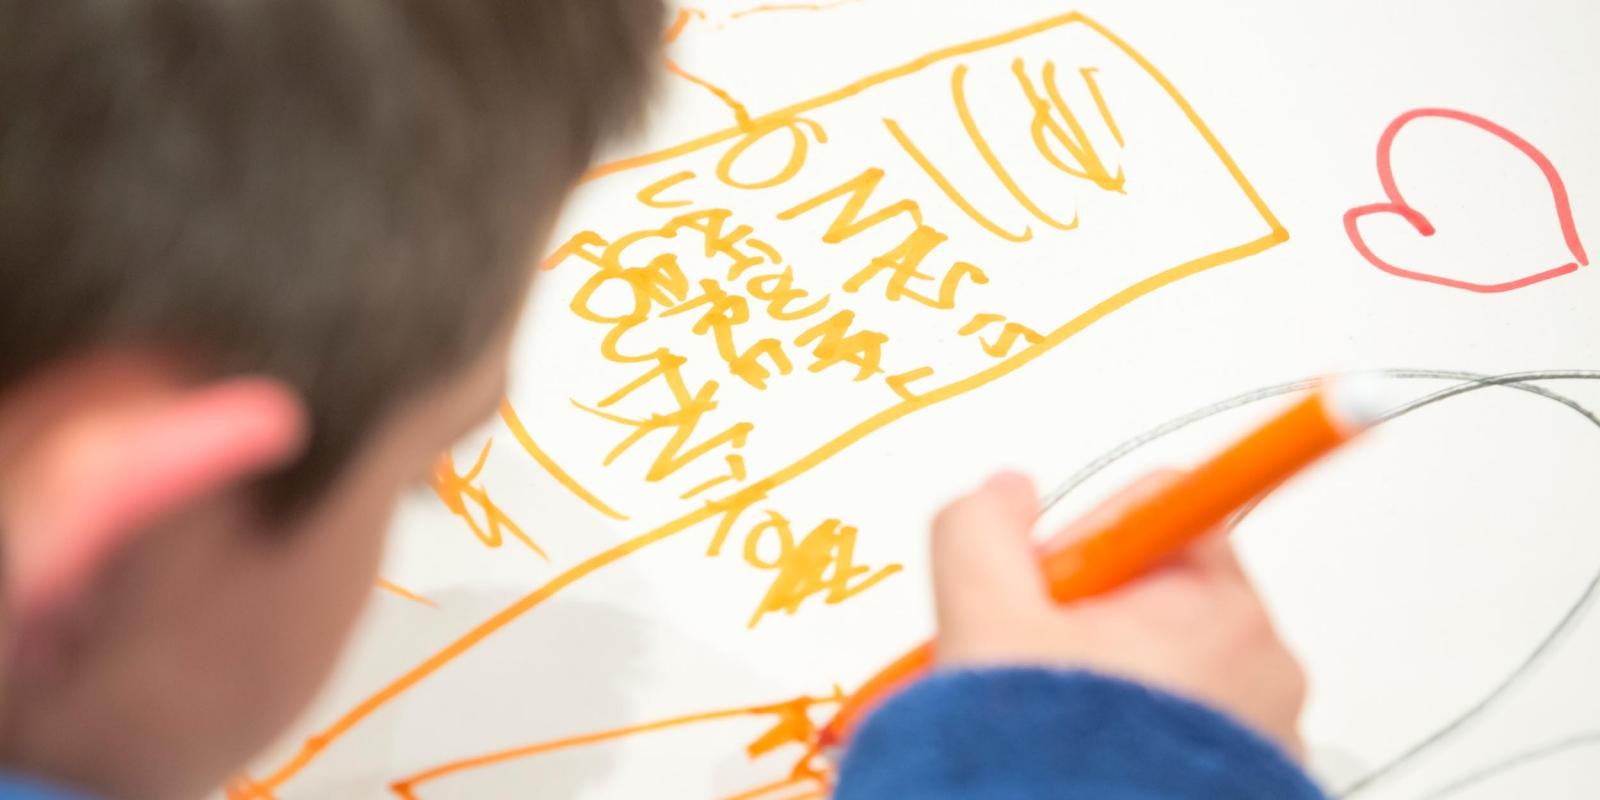 Αποτέλεσμα εικόνας για μεταβαση παιδιου με αυτισμο στο δημοτικο